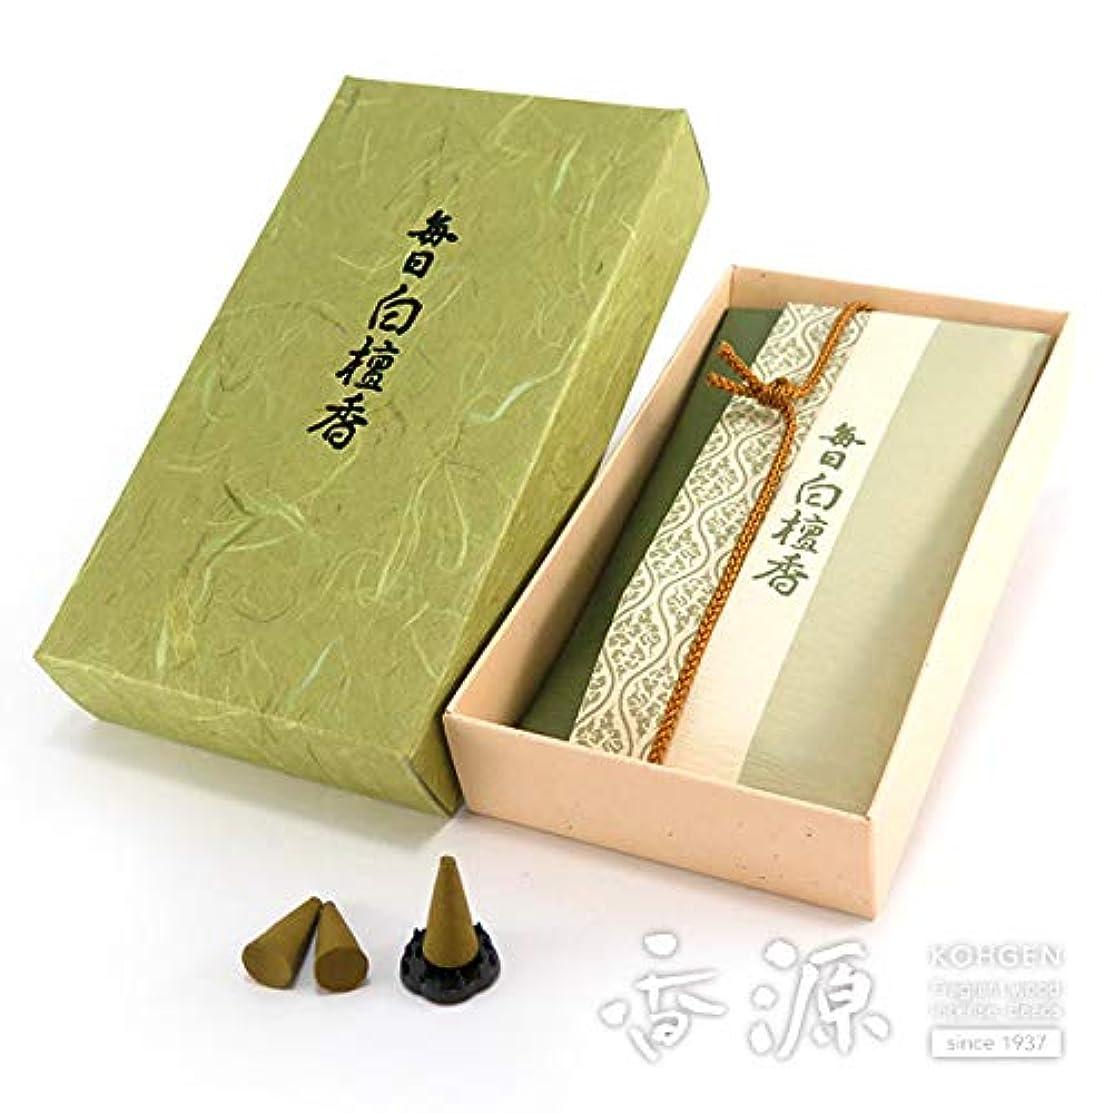 治安判事電気技師殺します日本香堂のお香 白檀の定番 毎日白檀香 コーン型24個入